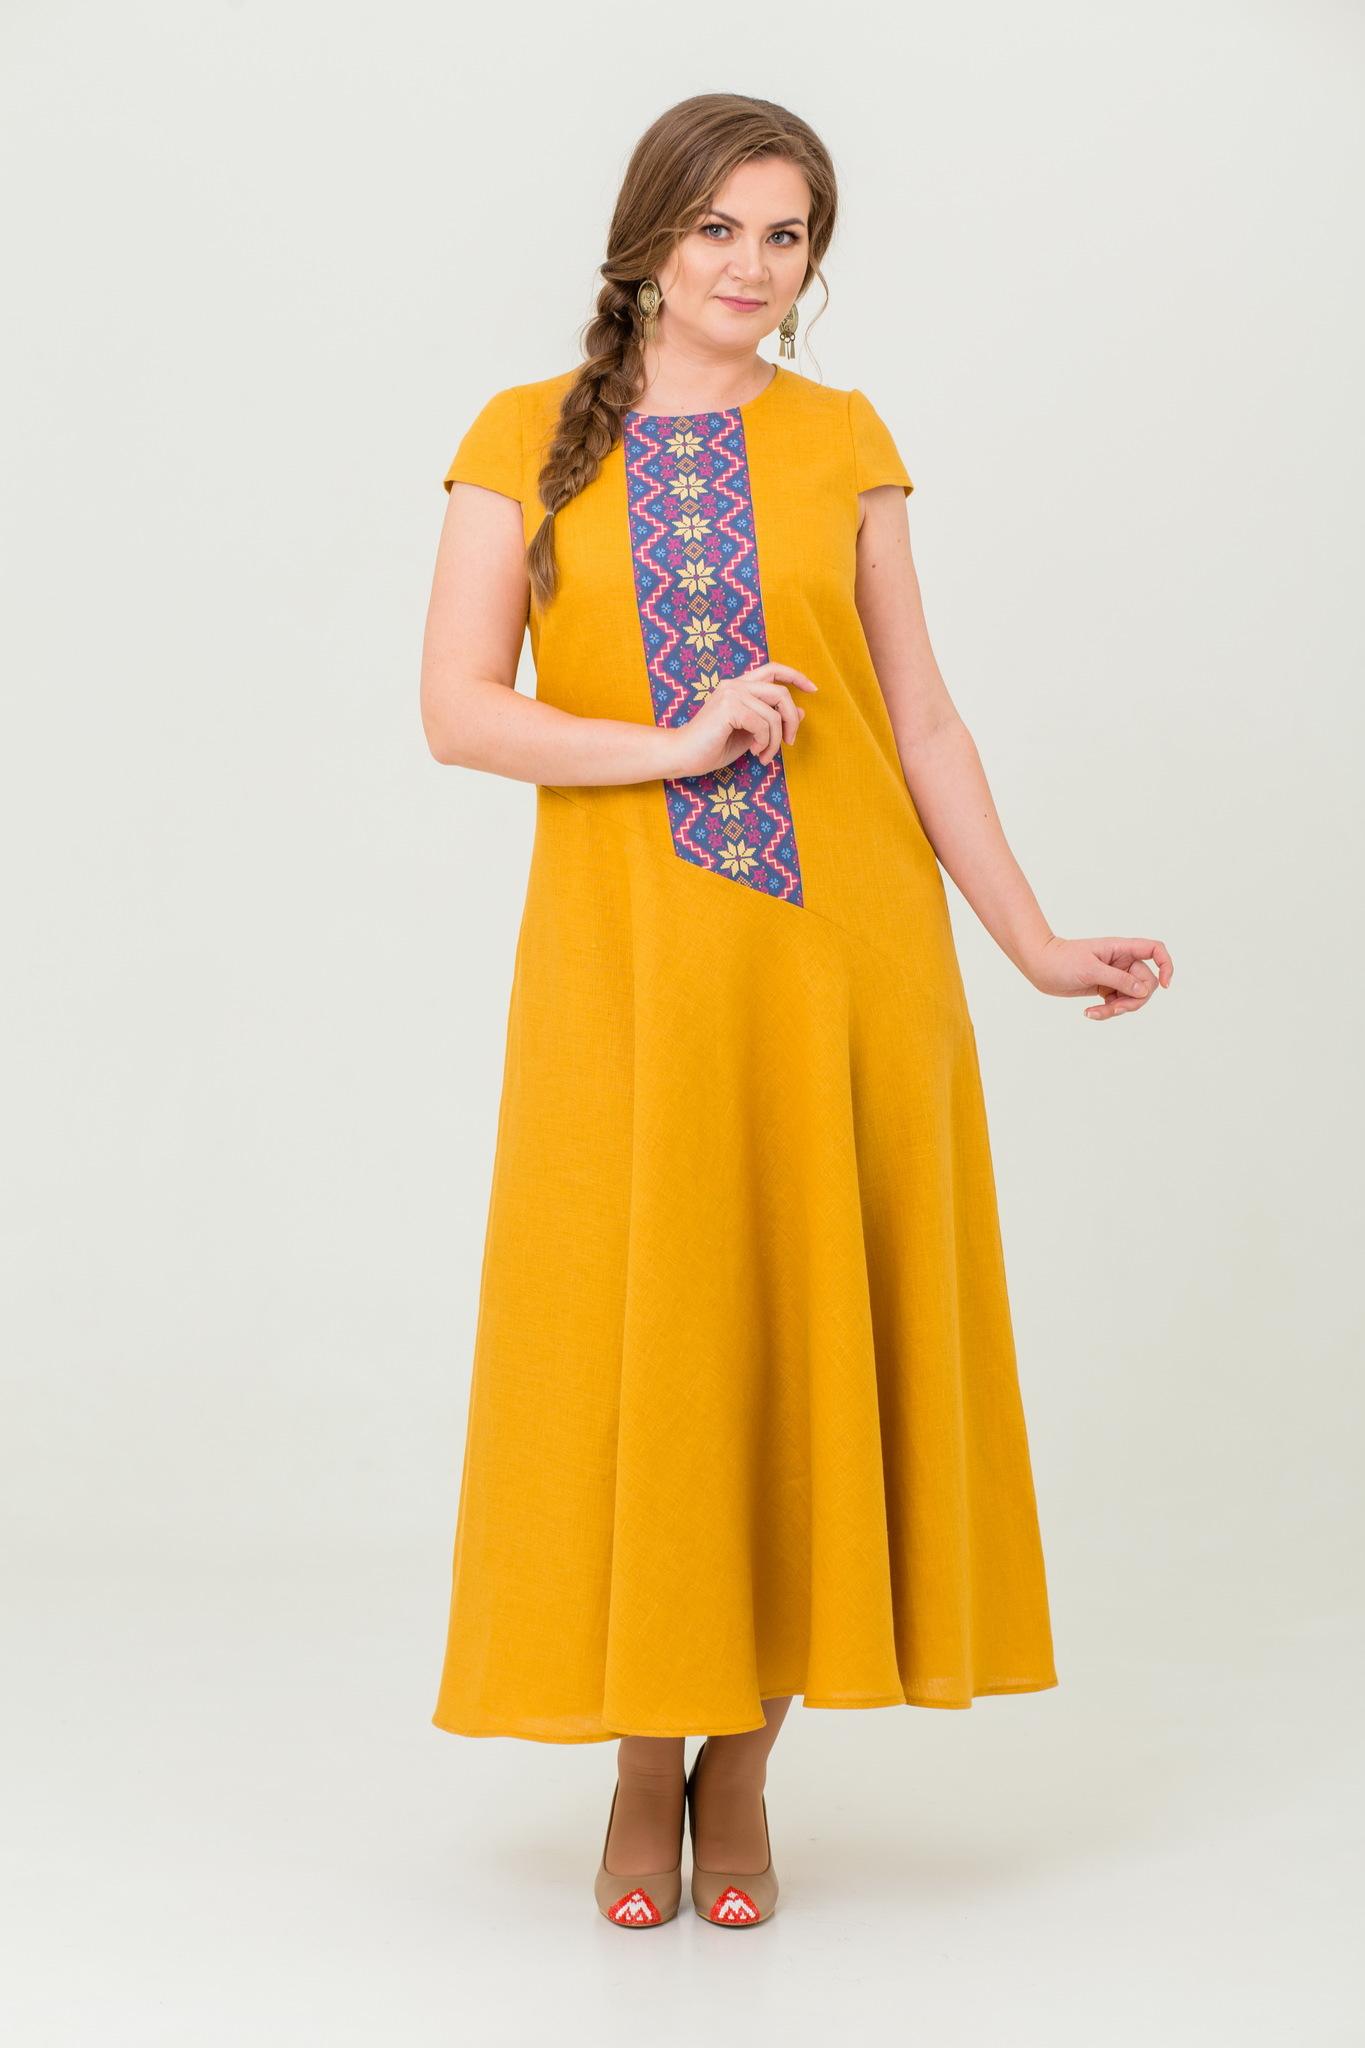 Платье льняное Птица счастья с обережным орнаментом